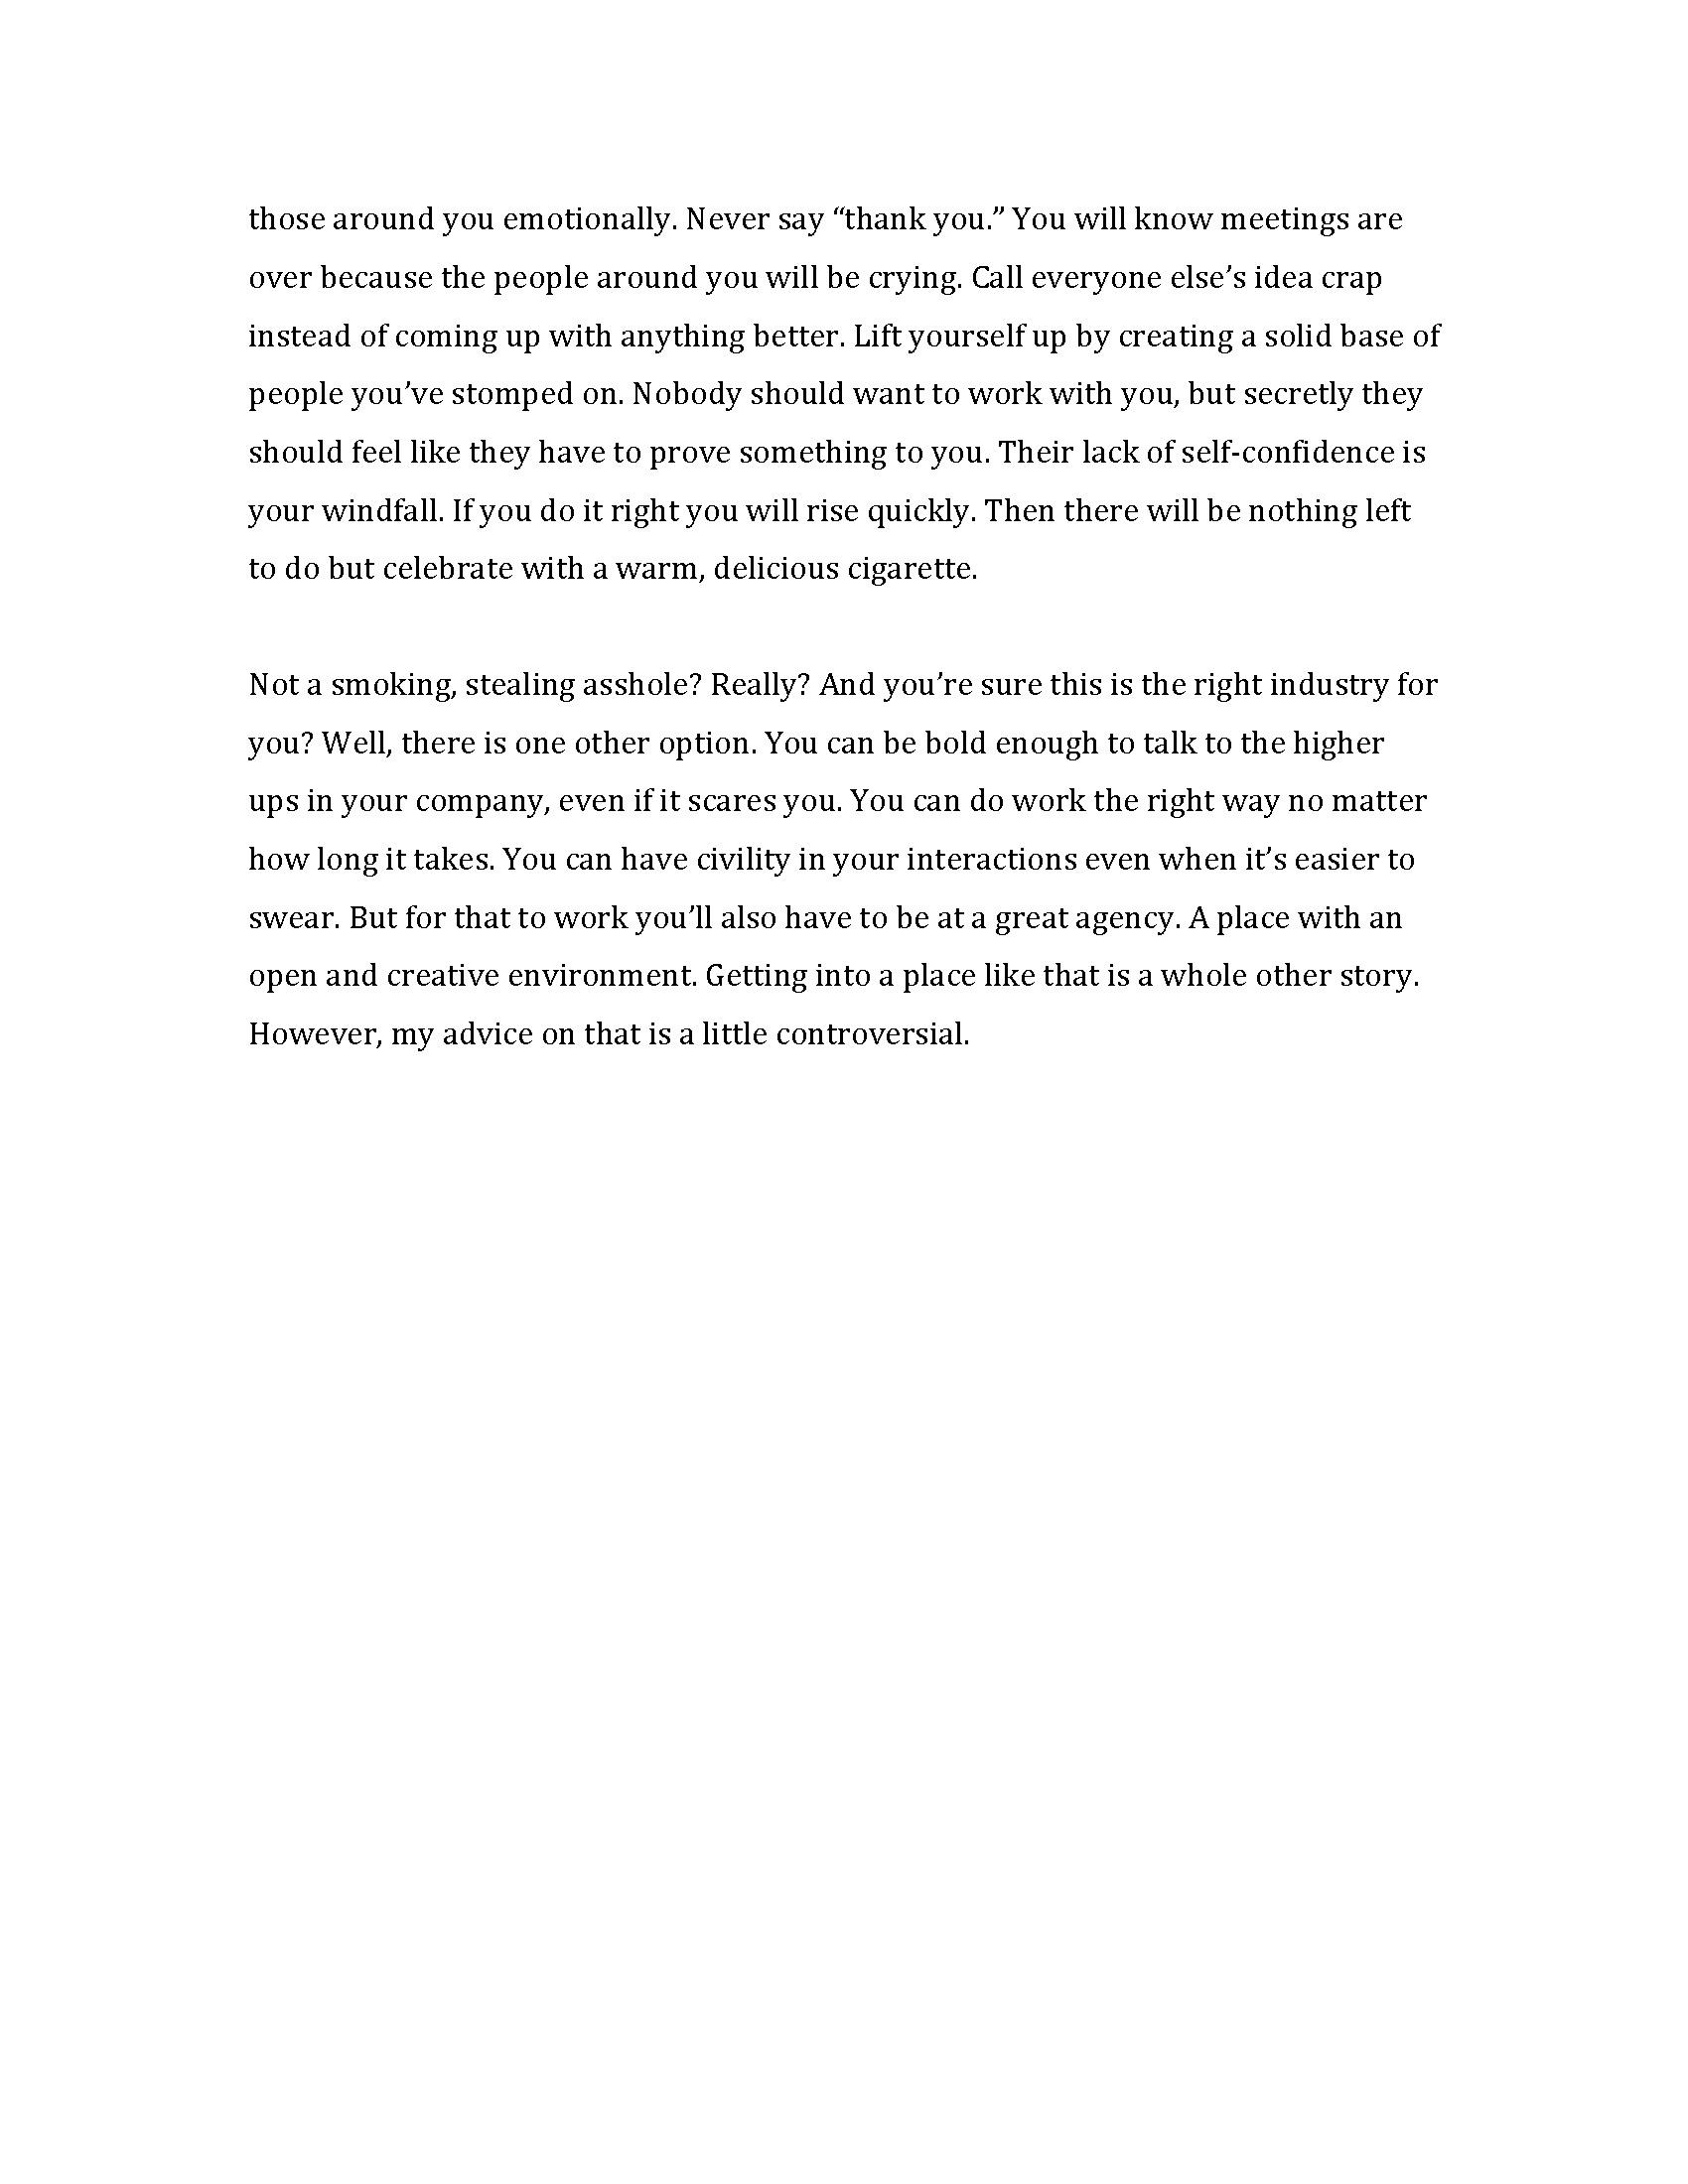 ThomasKemenyEssay3_Page_3.jpg